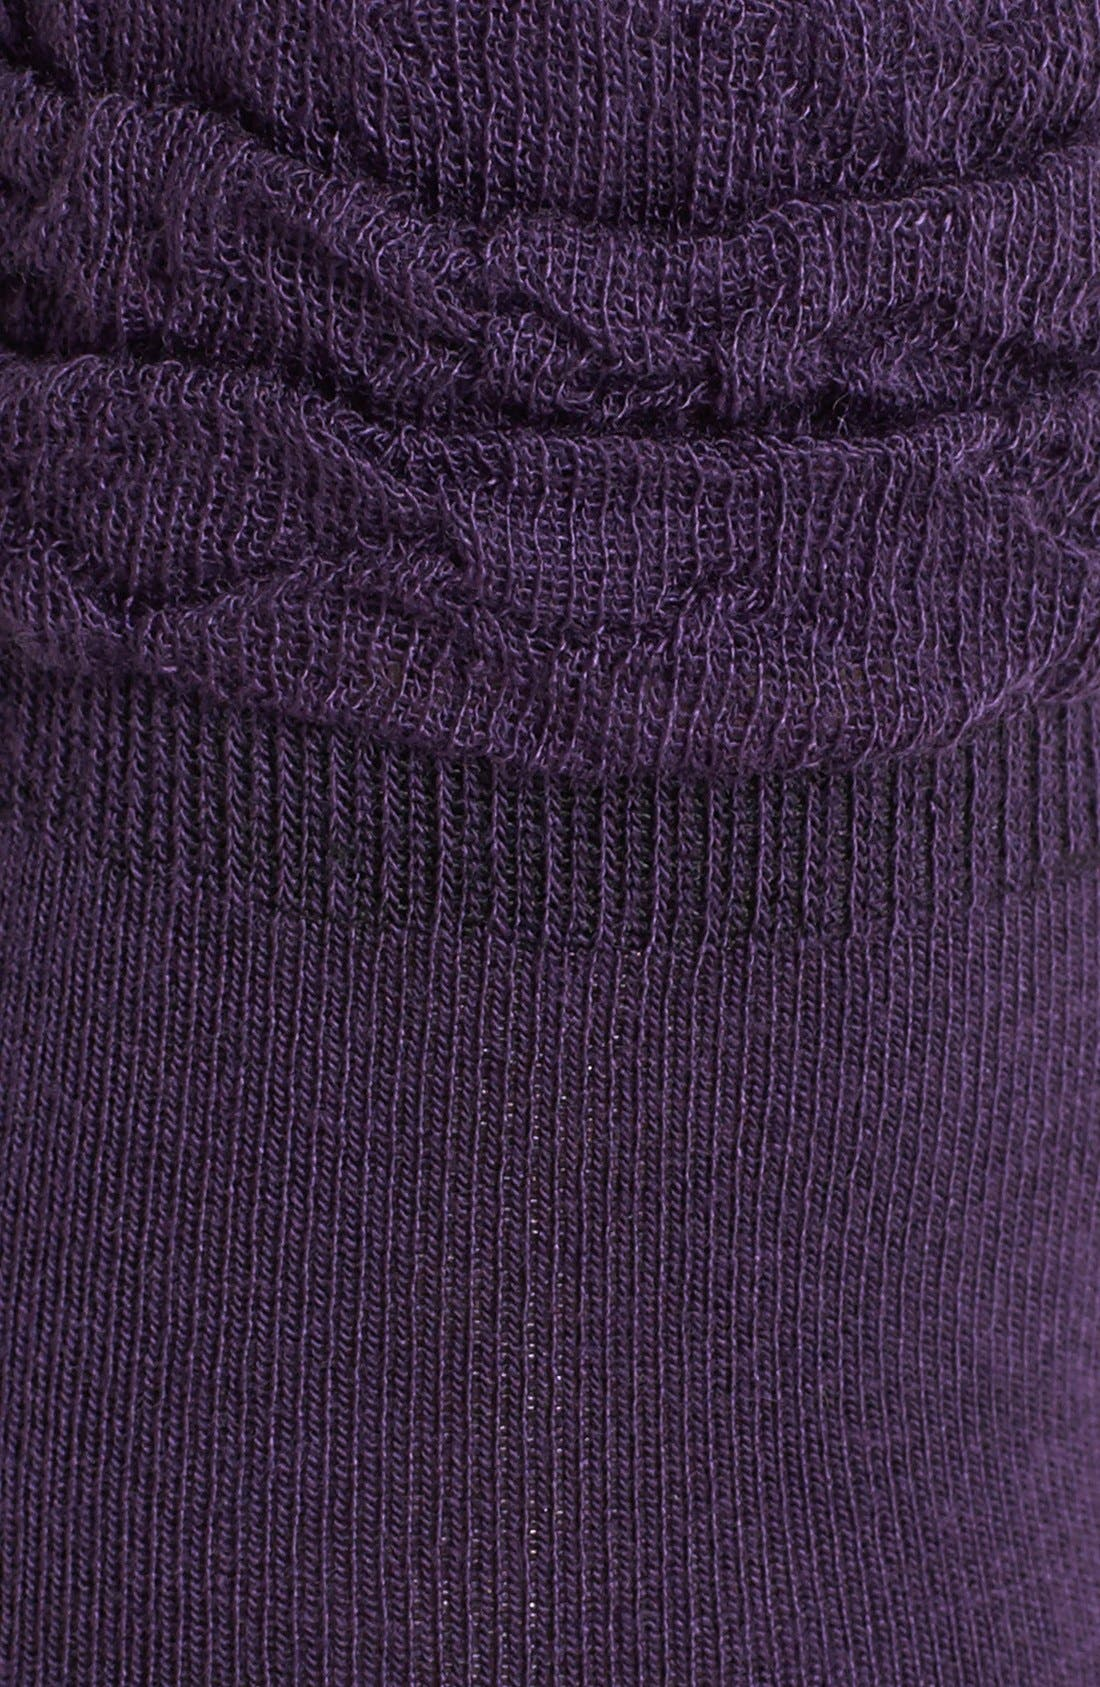 Alternate Image 3  - kensie Multi Ruffle Socks